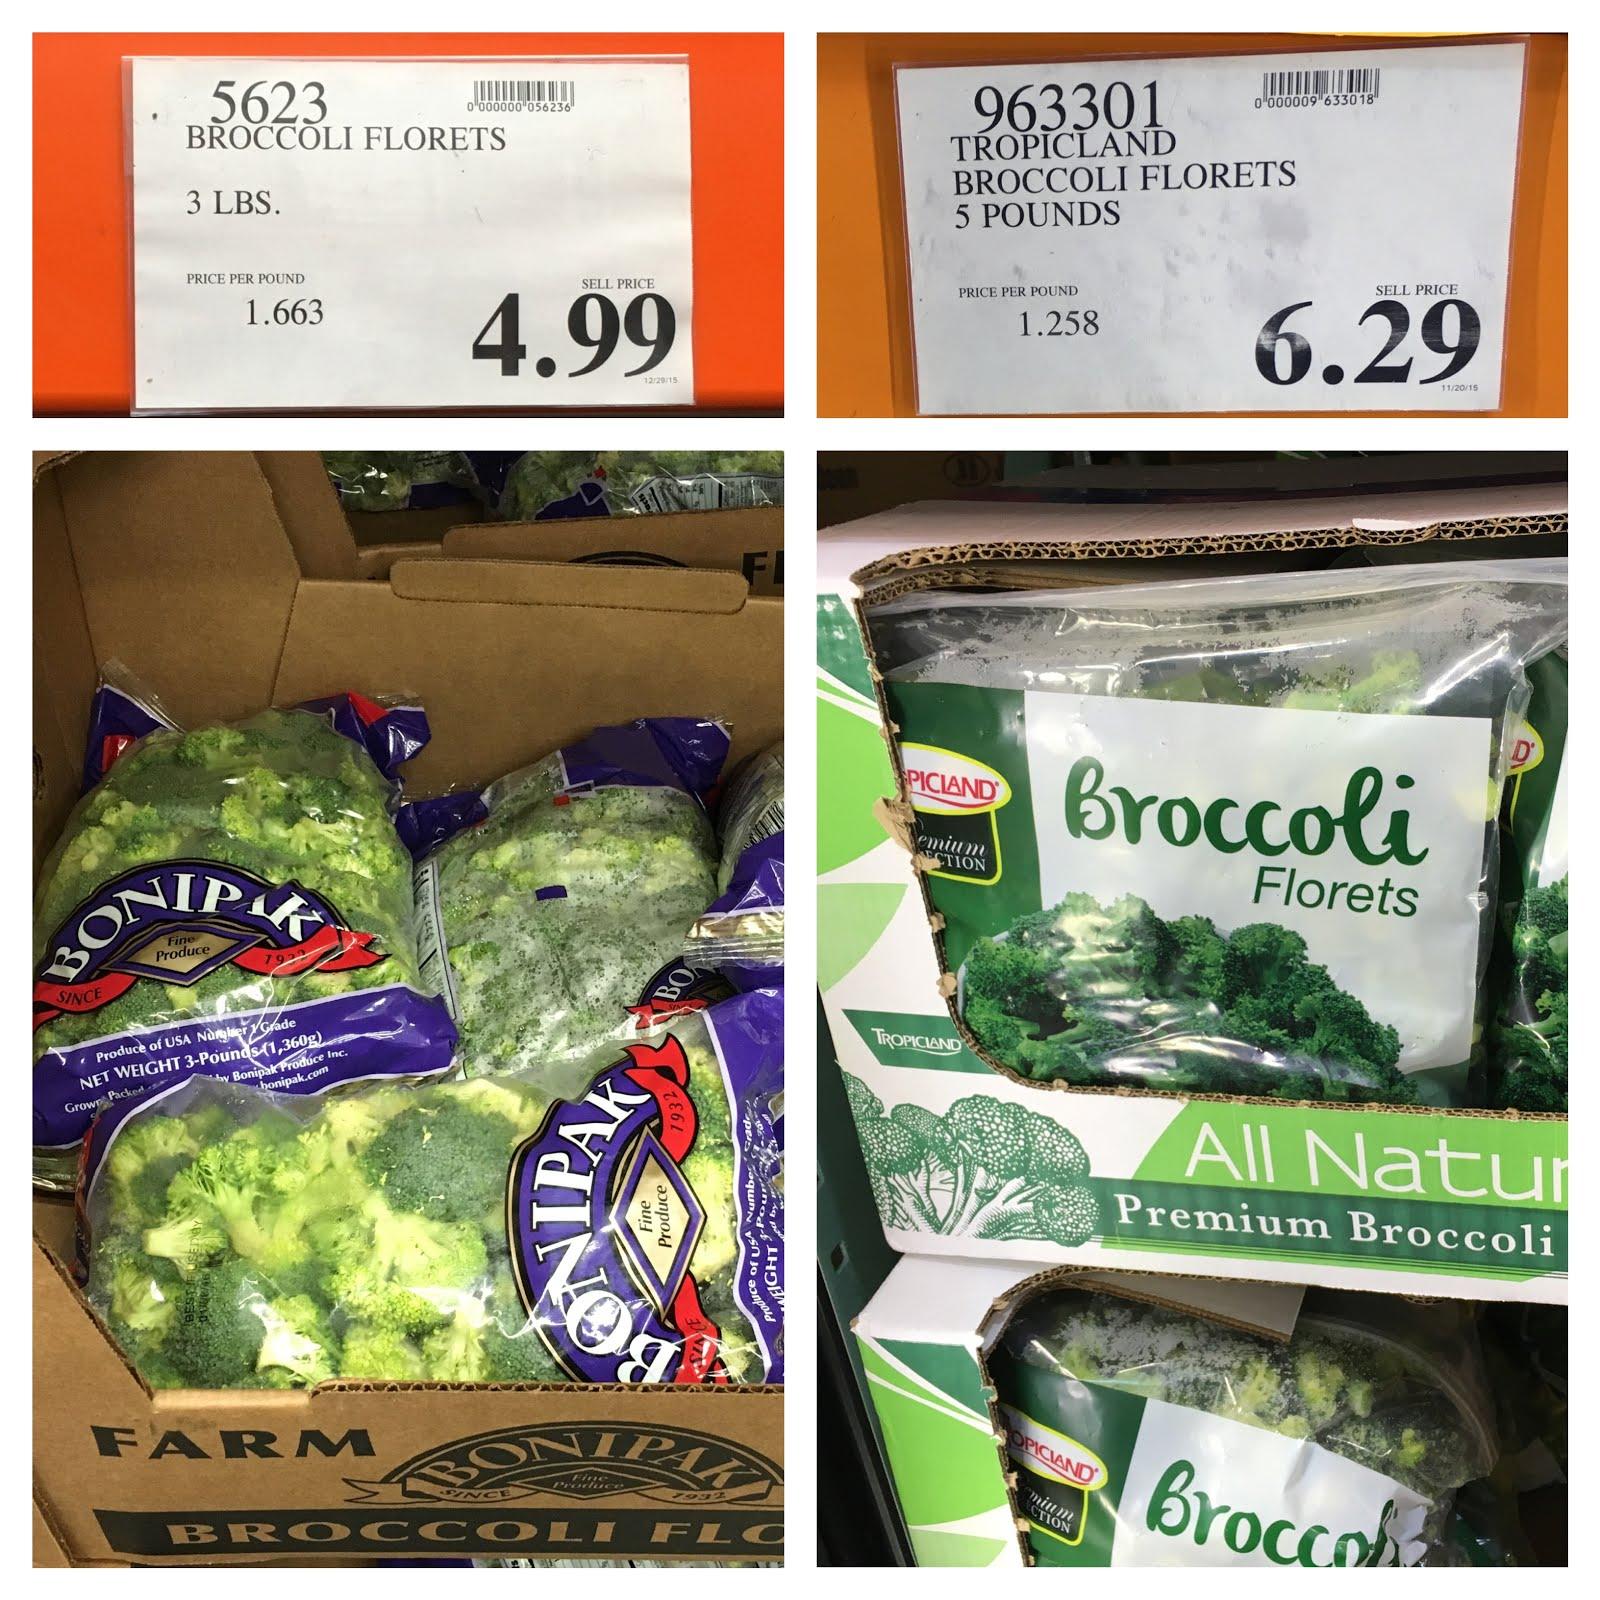 costco broccoli price